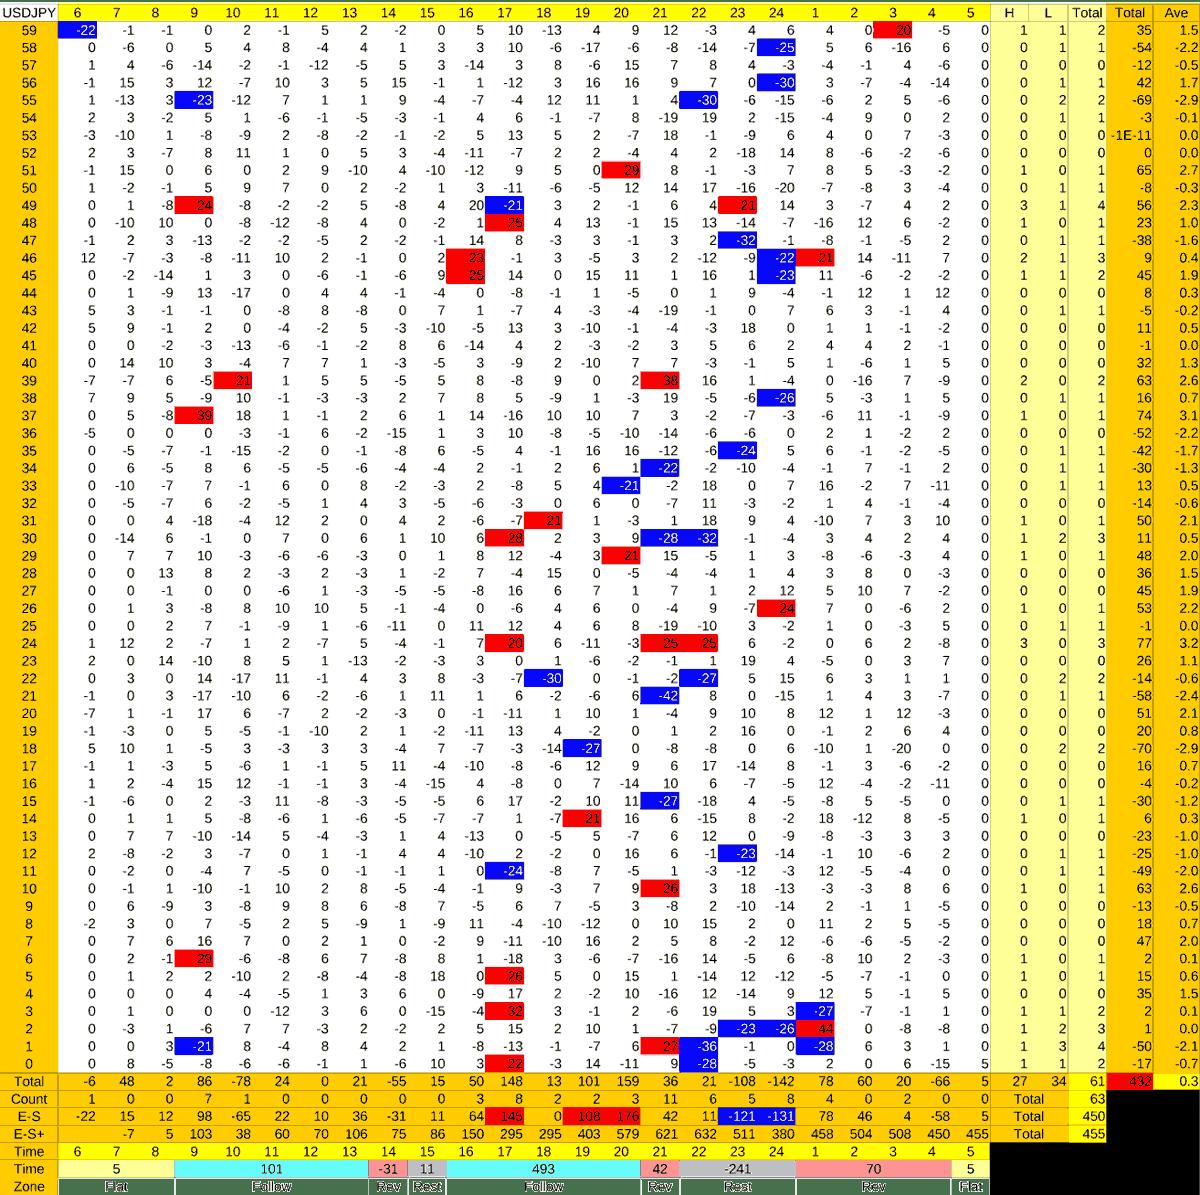 20210326_HS(1)USDJPY-min